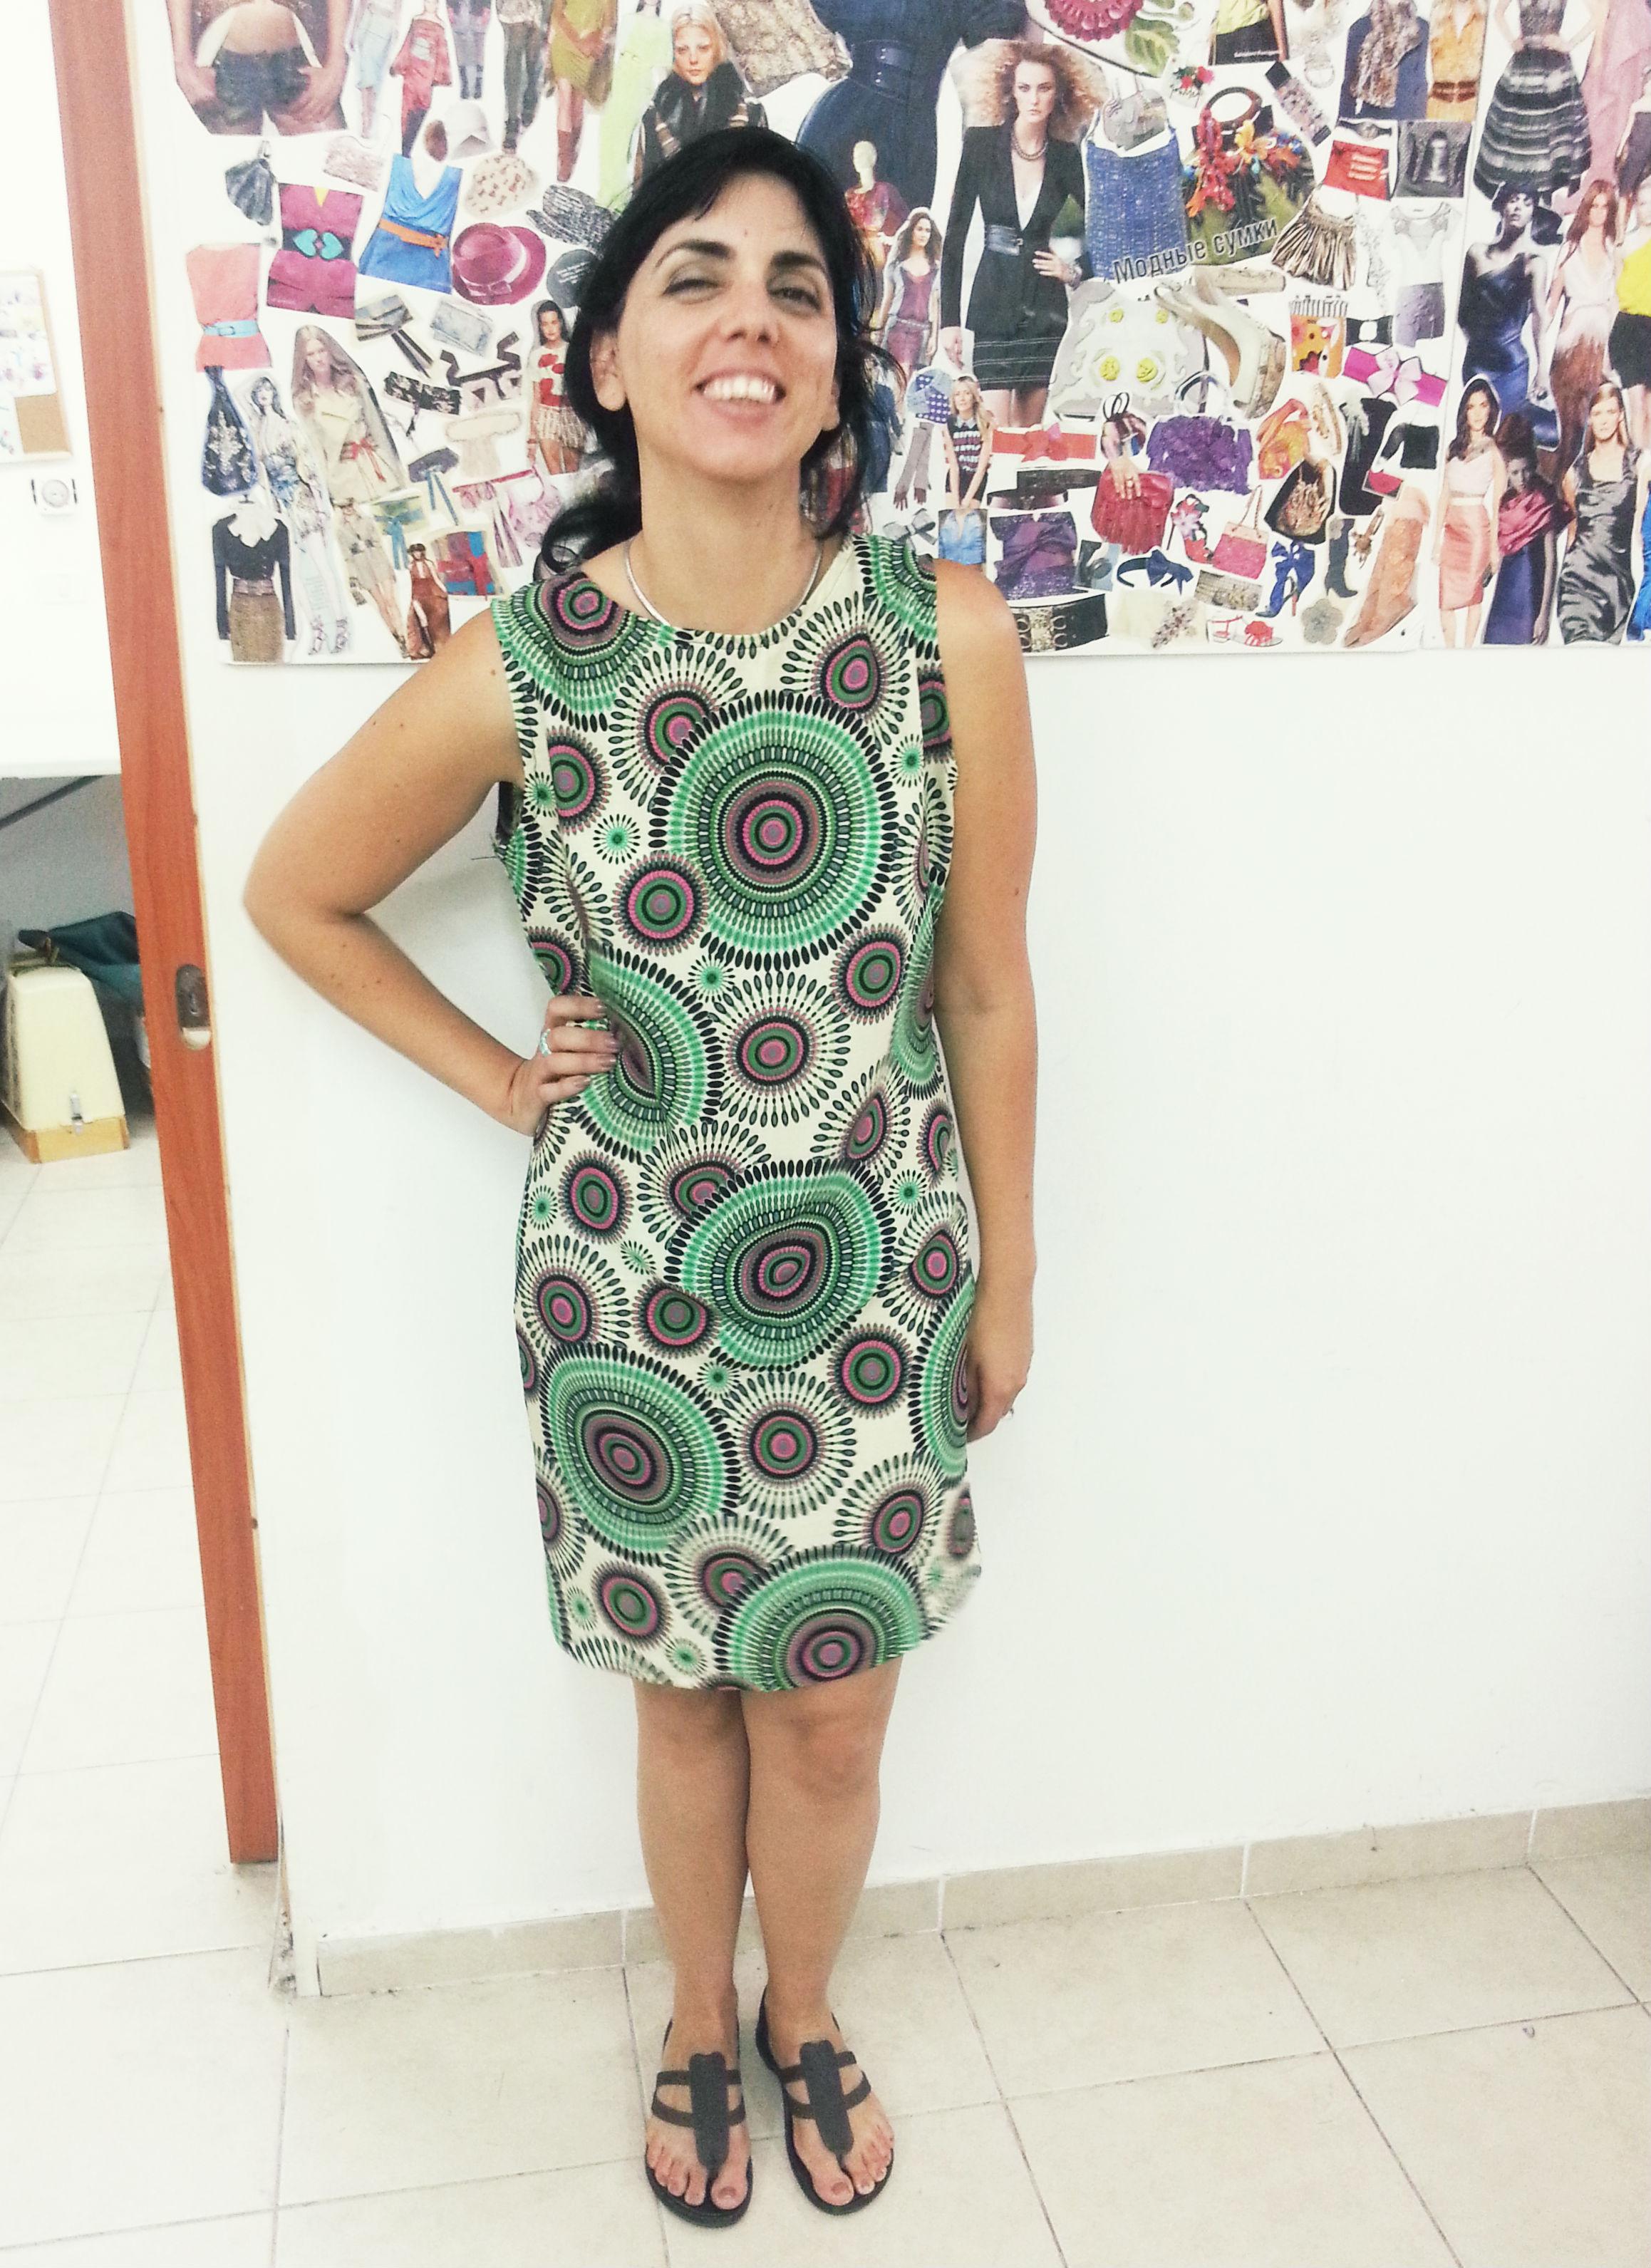 אושרית בשמלה על בסיס גיזרה מבורדה